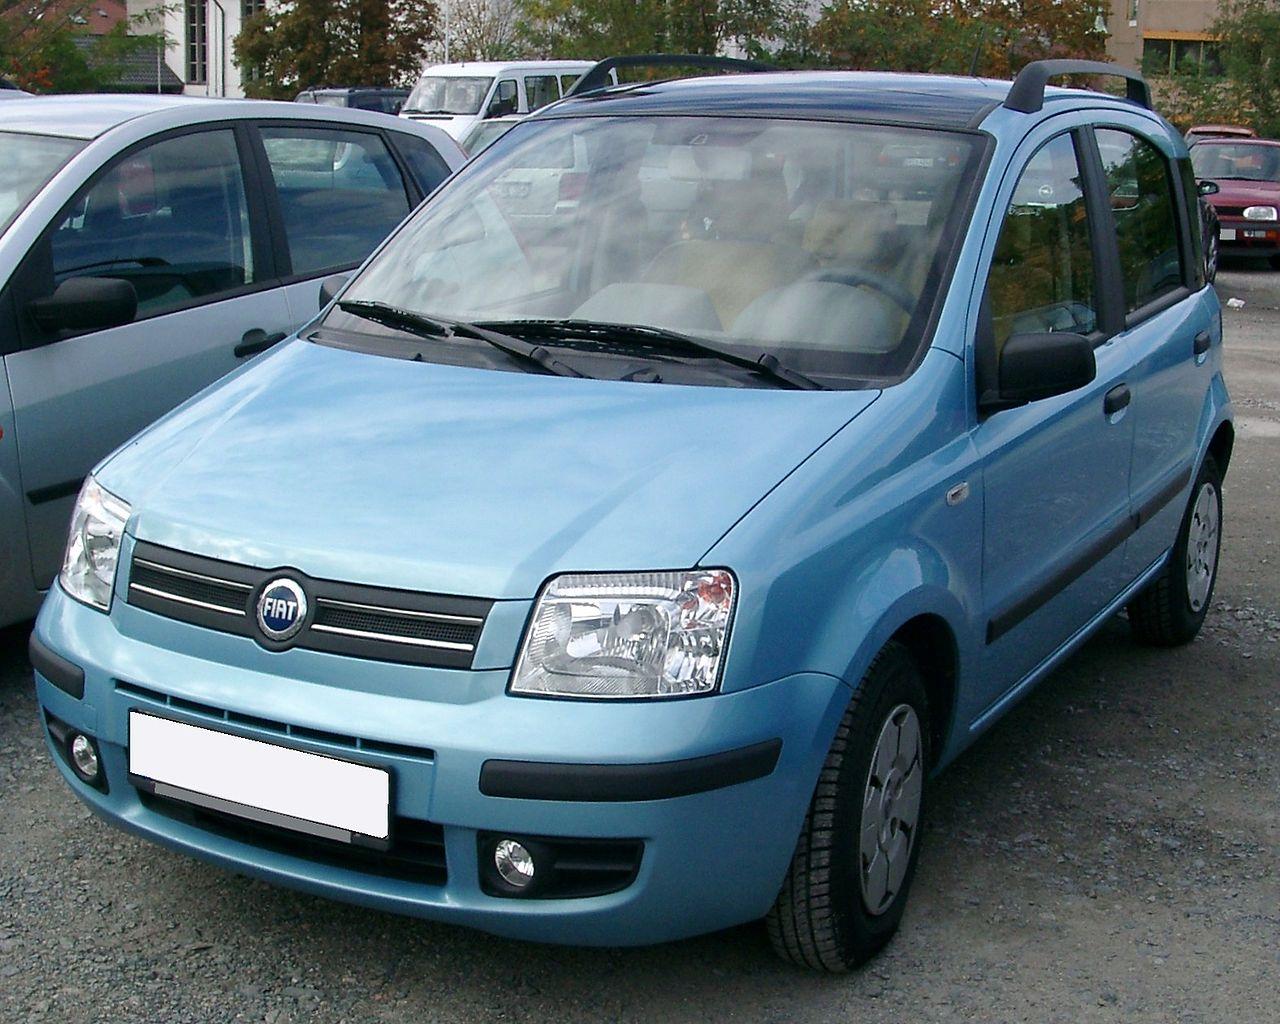 Fiat Panda I 1980 - 2003 Compact MPV #6